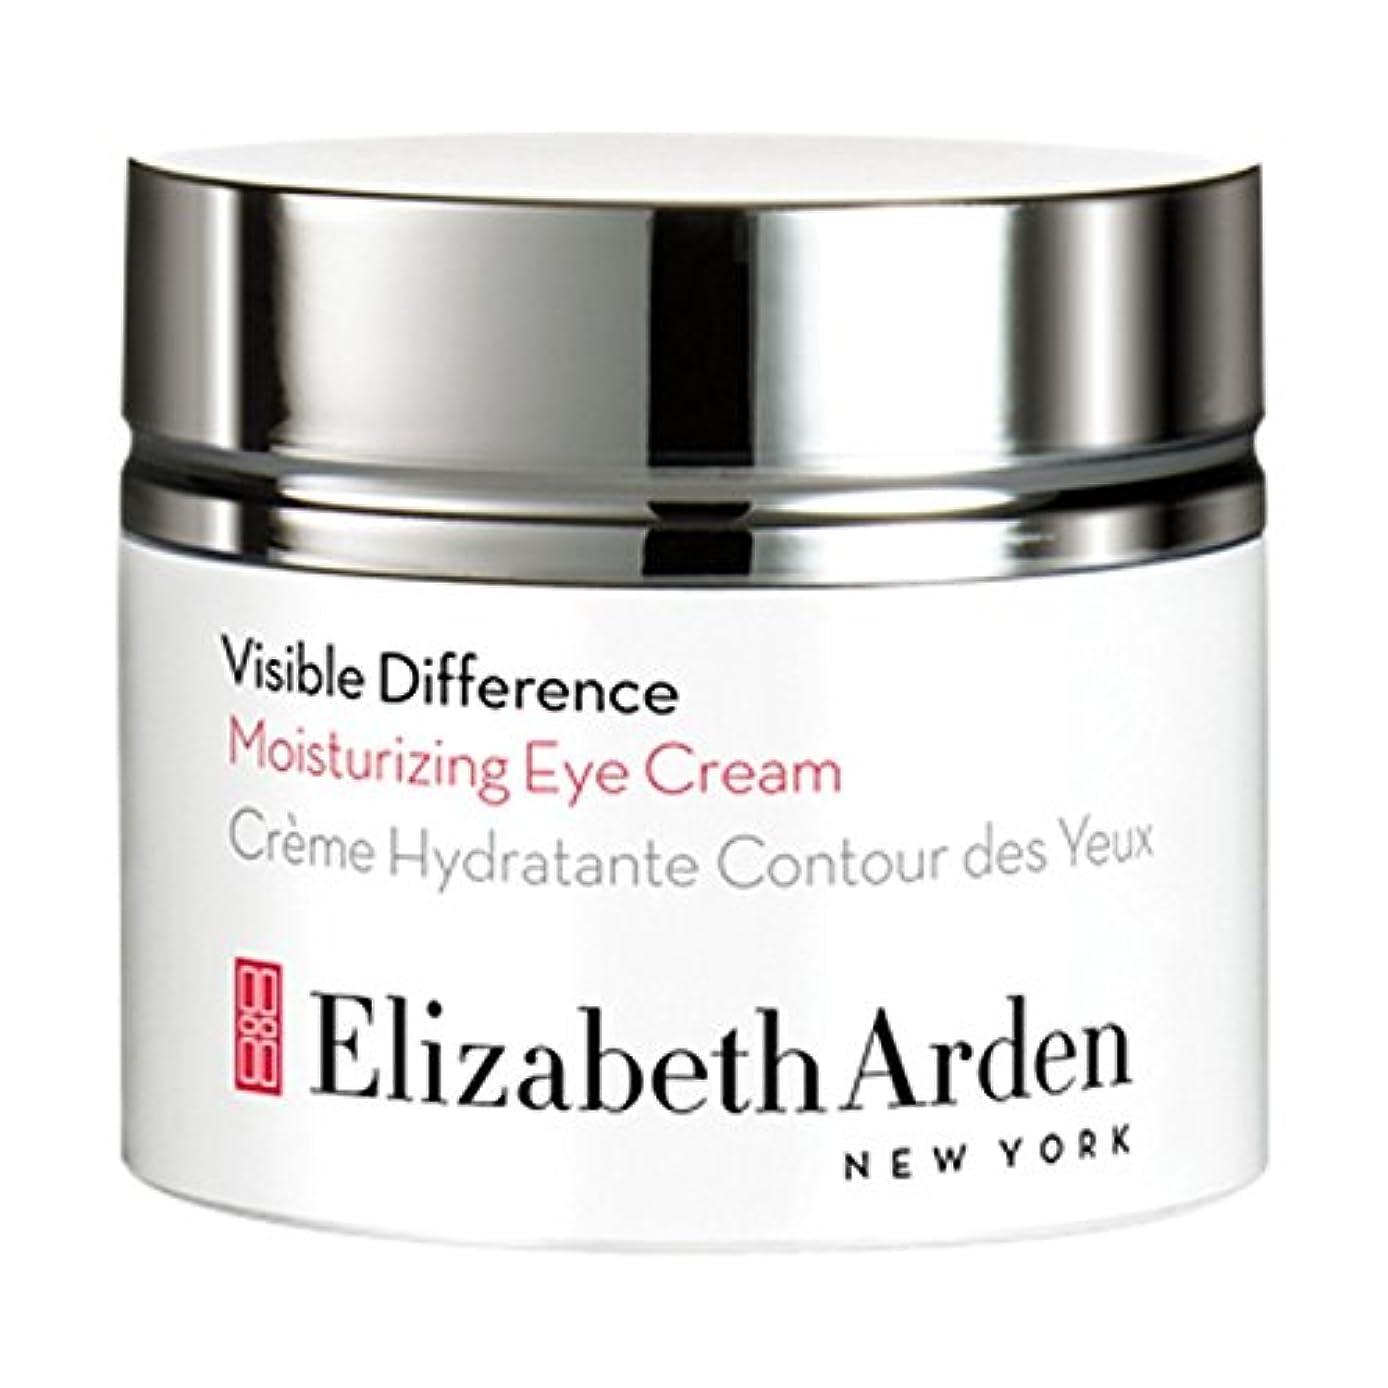 エクステントレコーダーダニエリザベスは、目に見える差保湿アイクリーム15ミリリットルをアーデン x2 - Elizabeth Arden Visible Difference Moisturizing Eye Cream 15ml (Pack of 2) [並行輸入品]